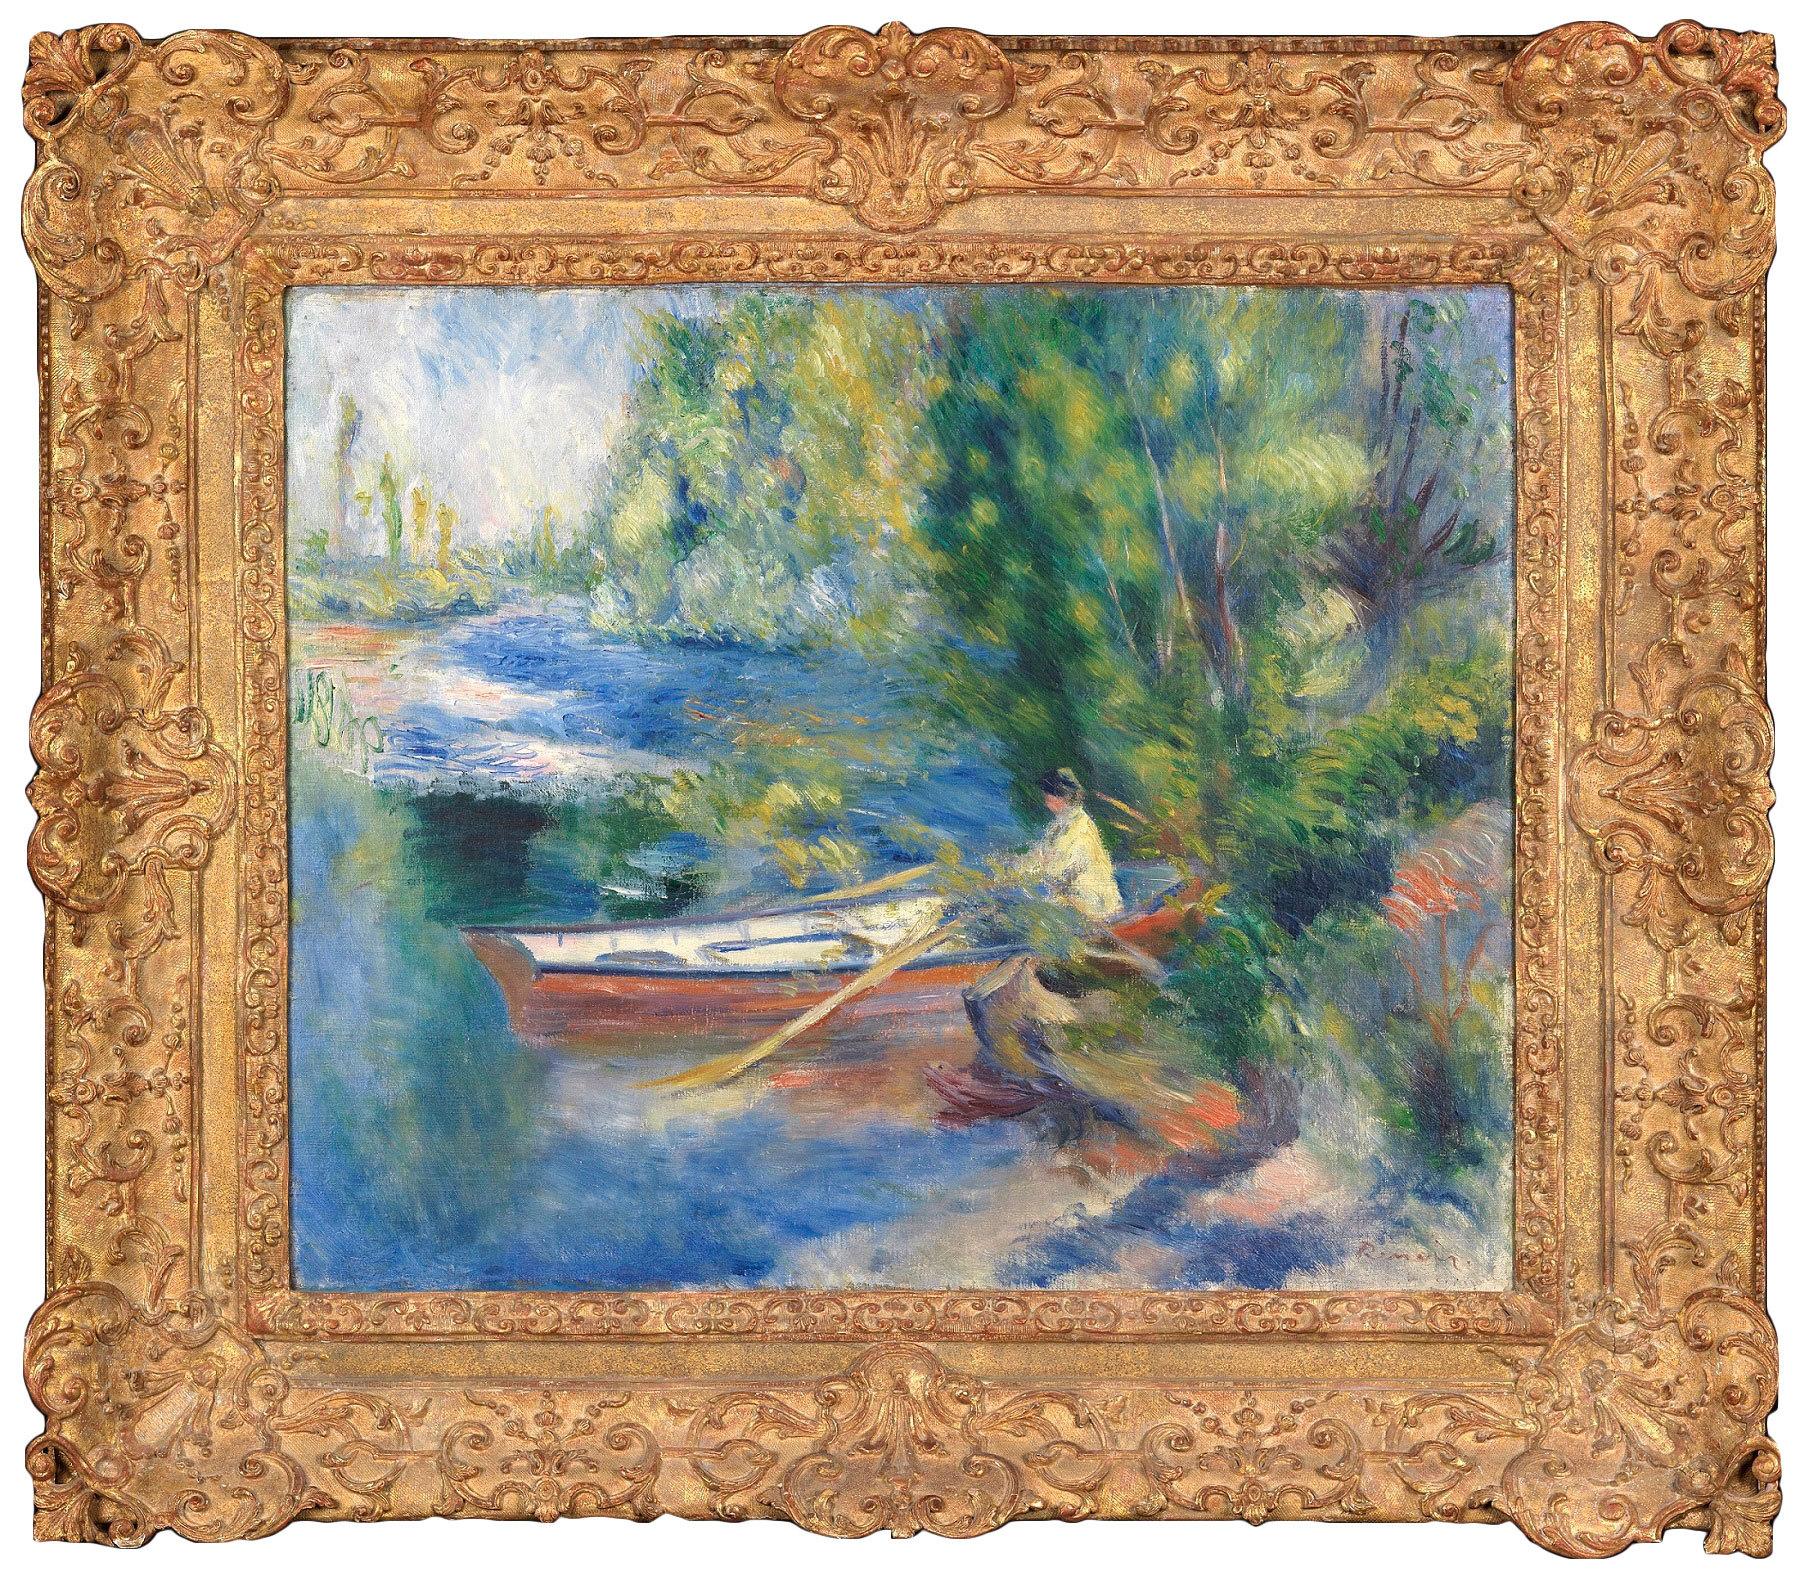 Pierre-Auguste Renoir Au Bord de l'Eau, 1885 Image via DICKINSON